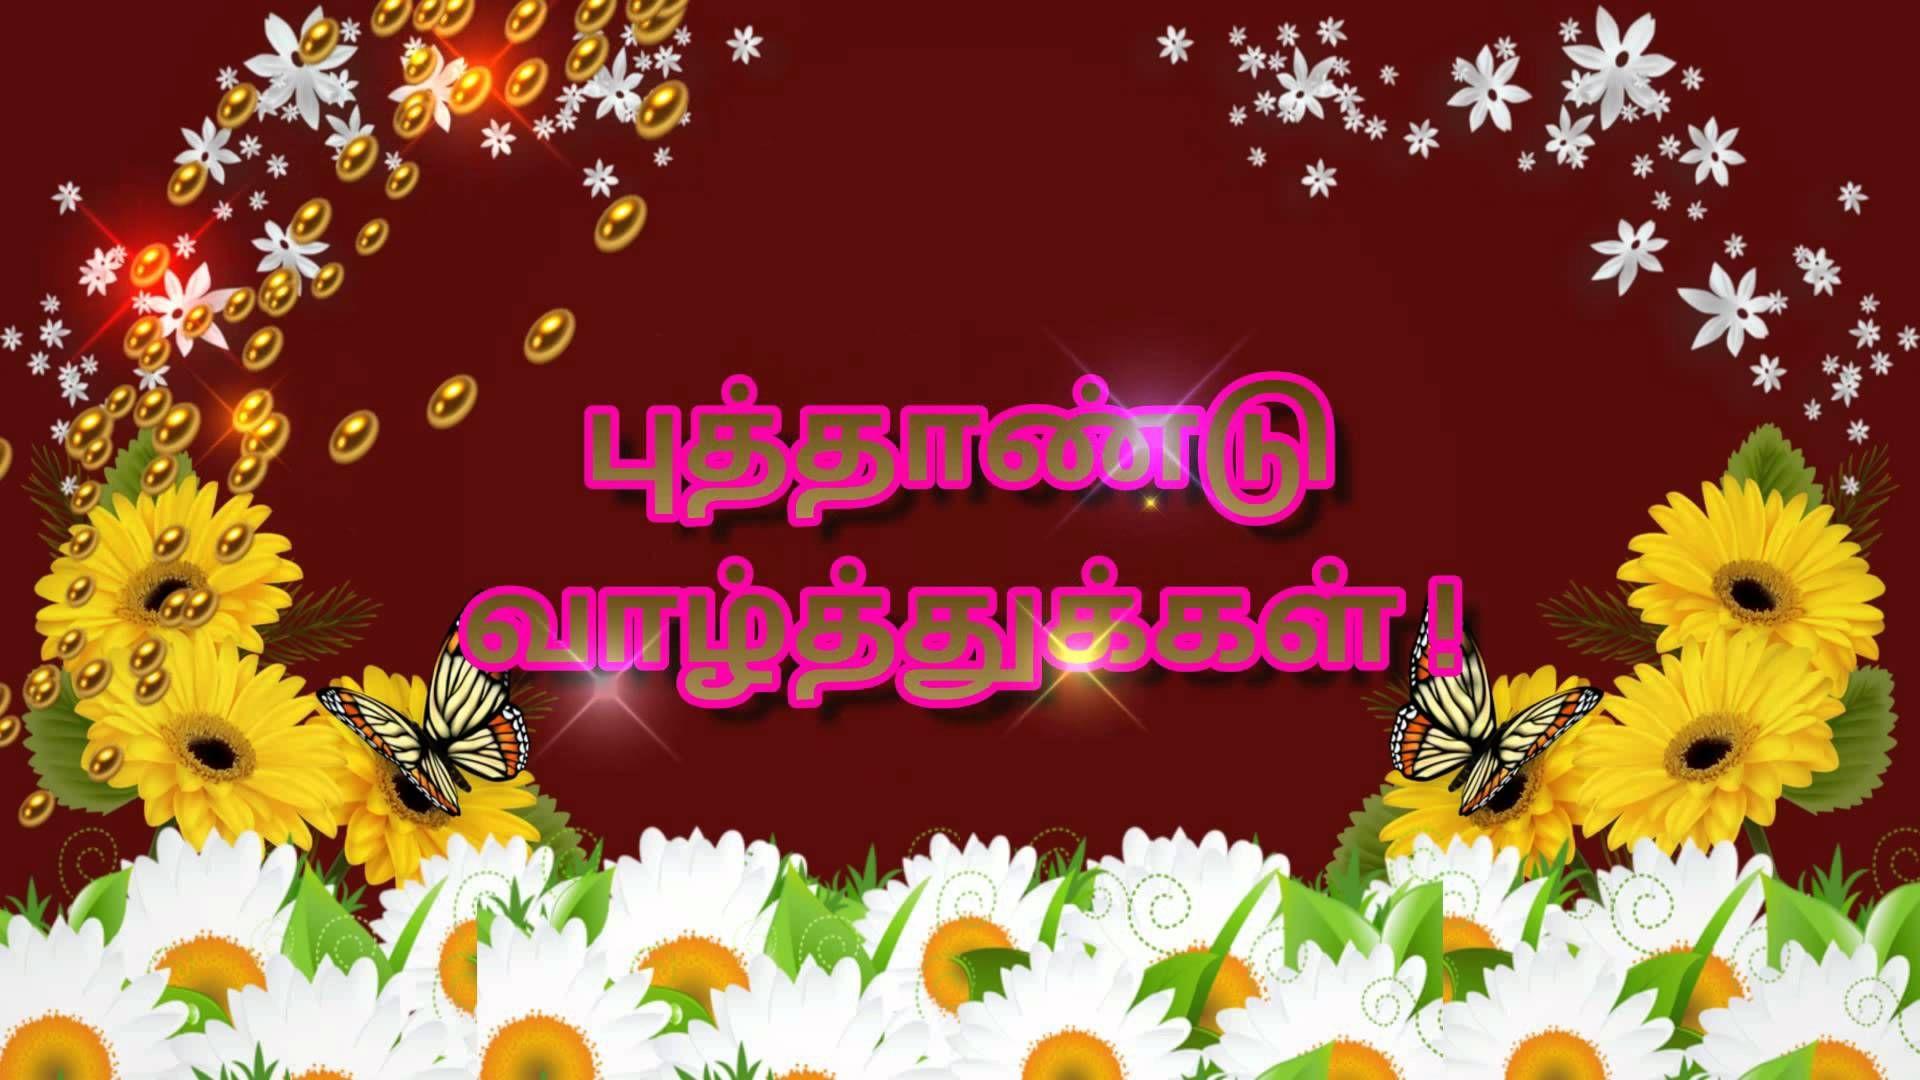 Happy Puthandu 2016 Tamil New Year Wishes Puthandu Greetings Puthandu Whatsapp Animation In 2021 Happy Easter Messages New Year Wishes Happy New Year Banner